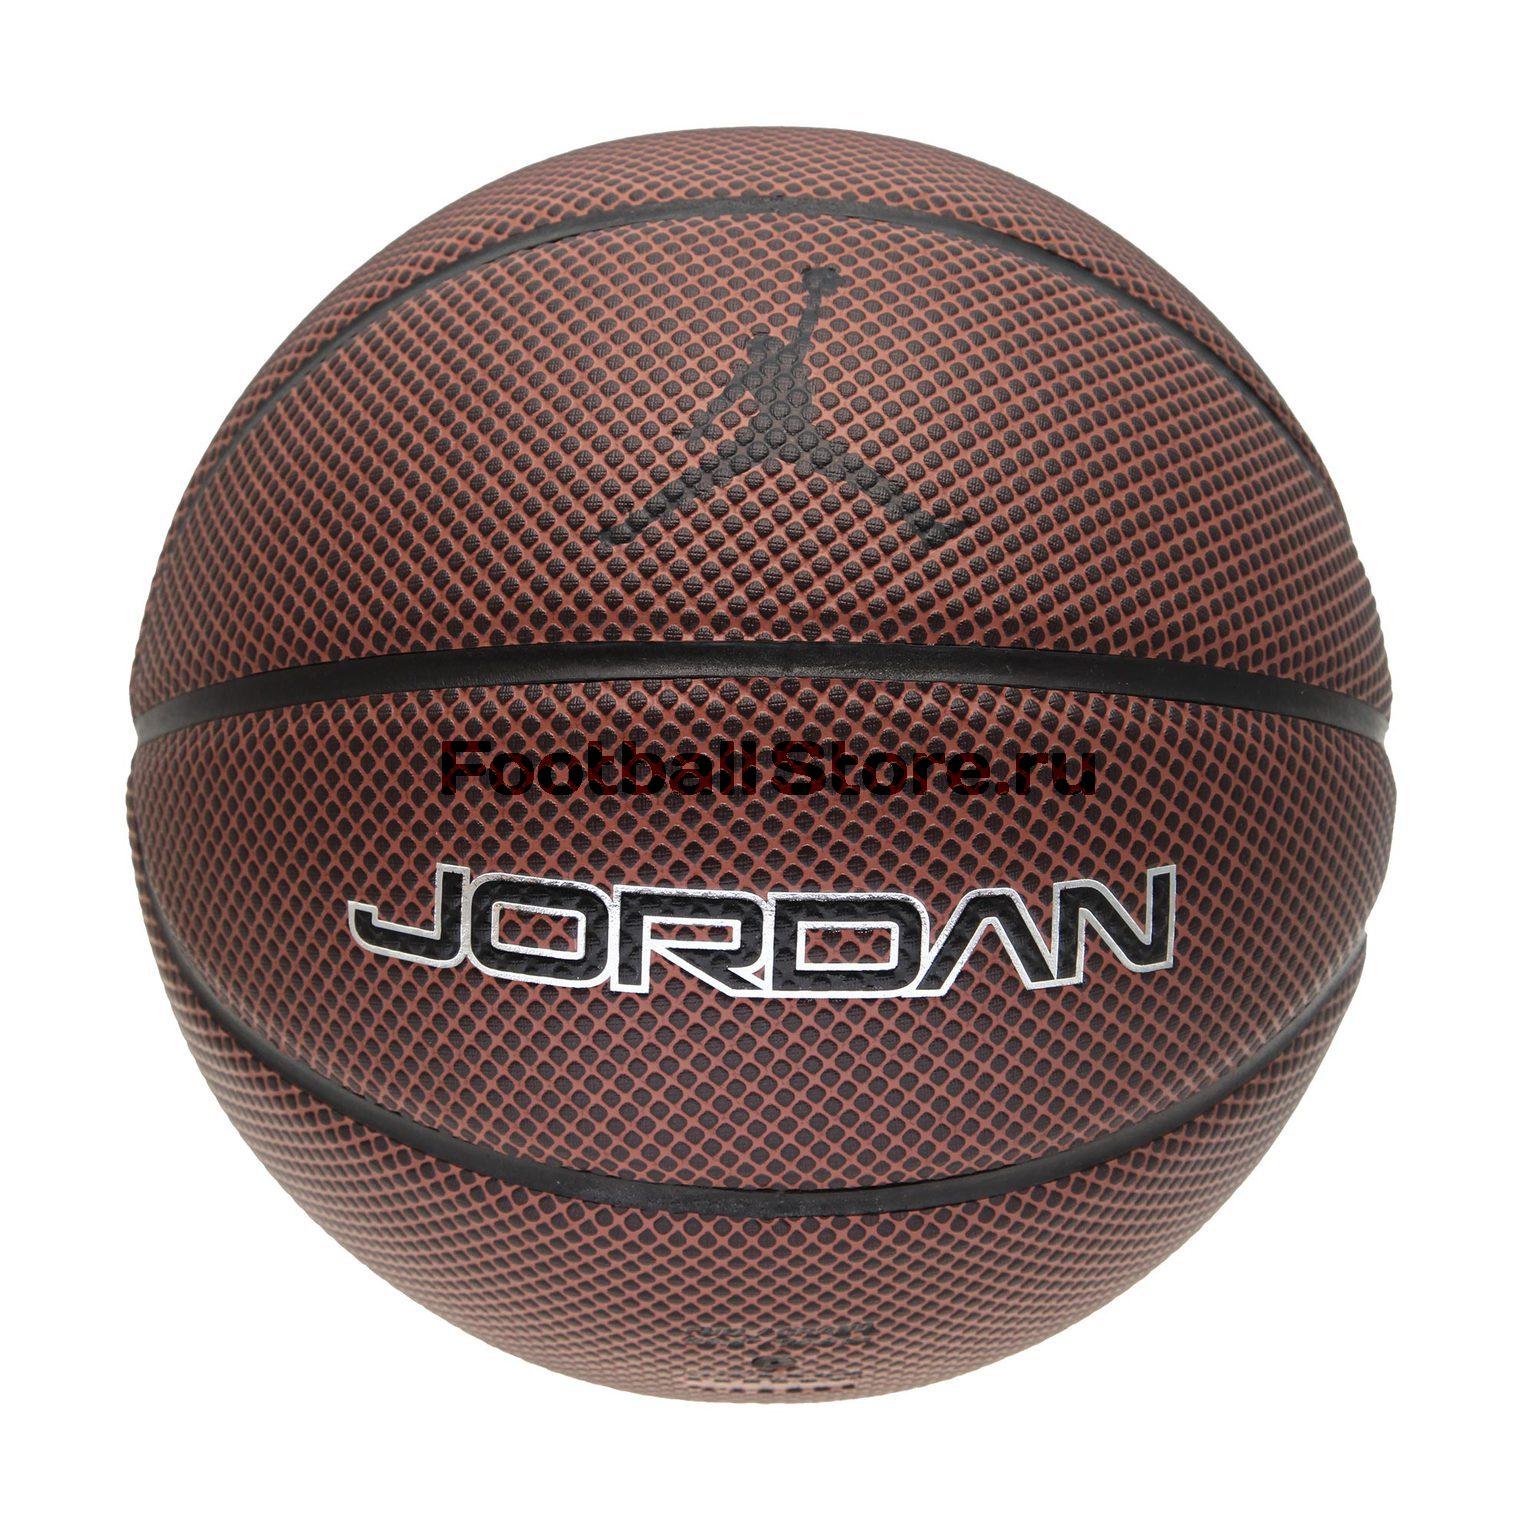 Мяч баскетбольный Nike Jordan Legacy 8P Dark J.KL.02.858 баскетбольный мяч nike